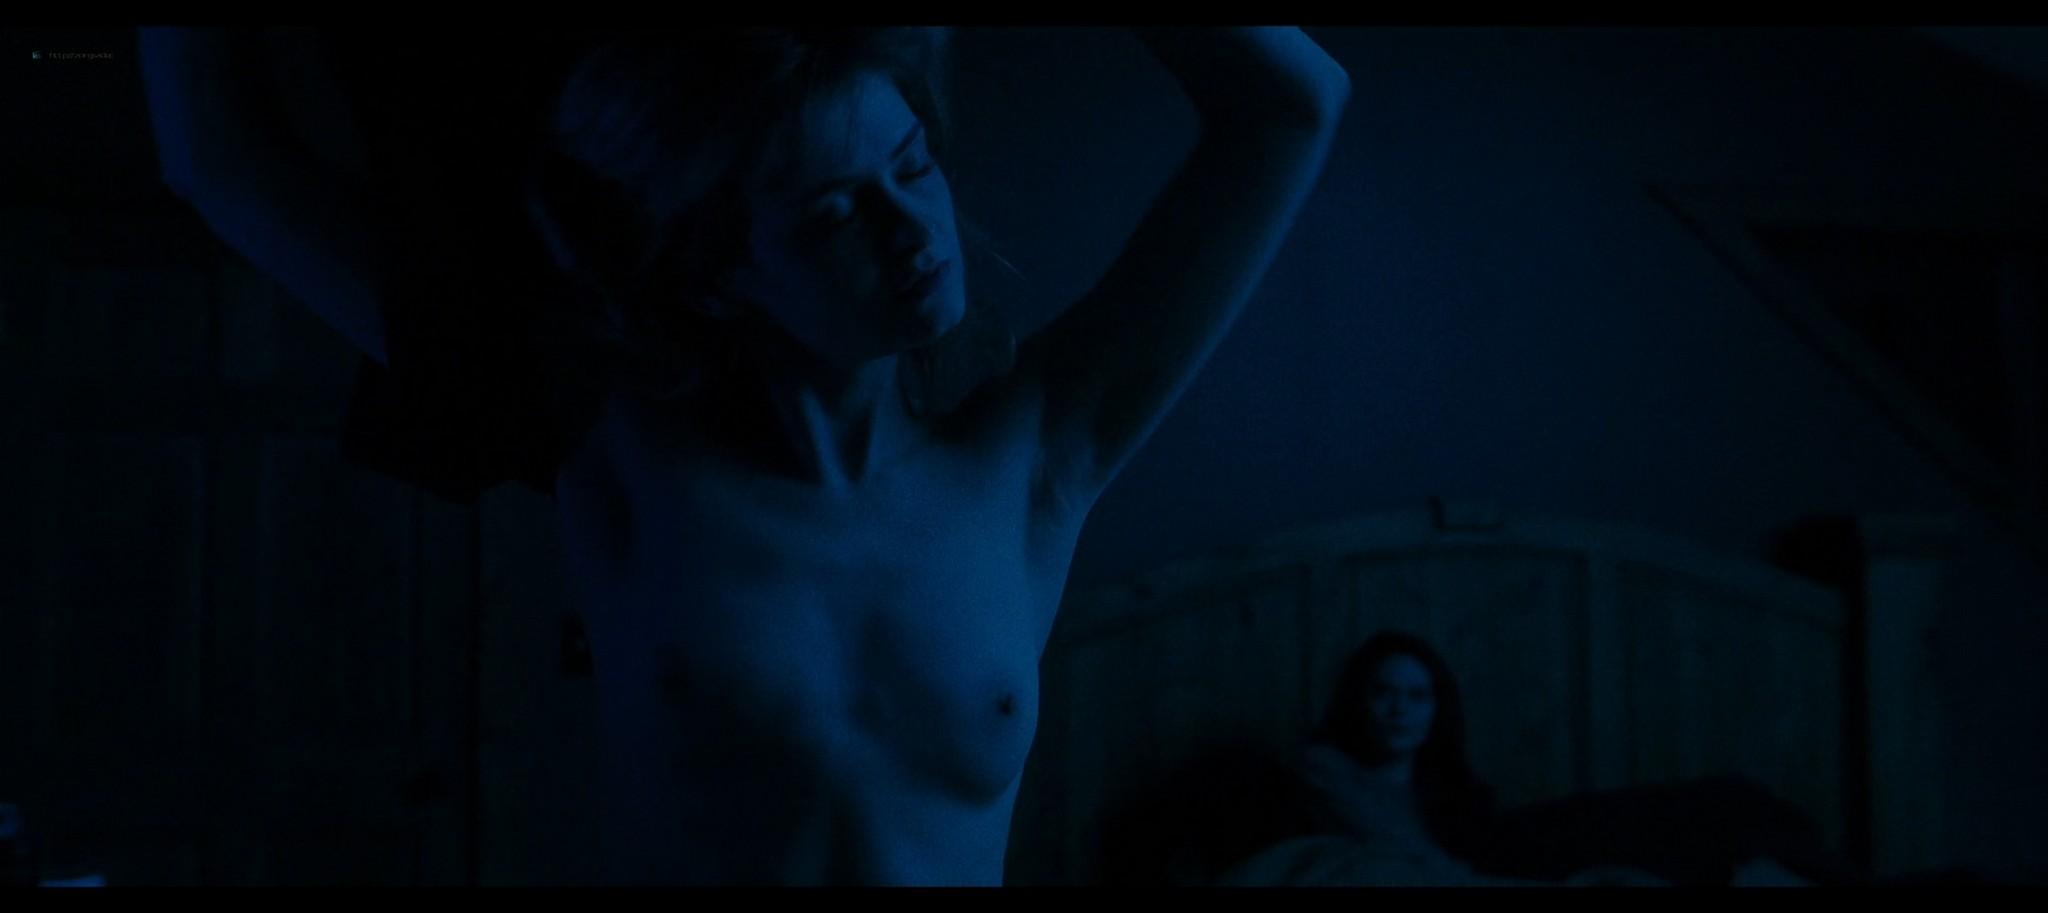 Anna Shields nude topless Rachel Finninger hot lesbian sex - Monstrous (2020) HD 1080p Web (7)